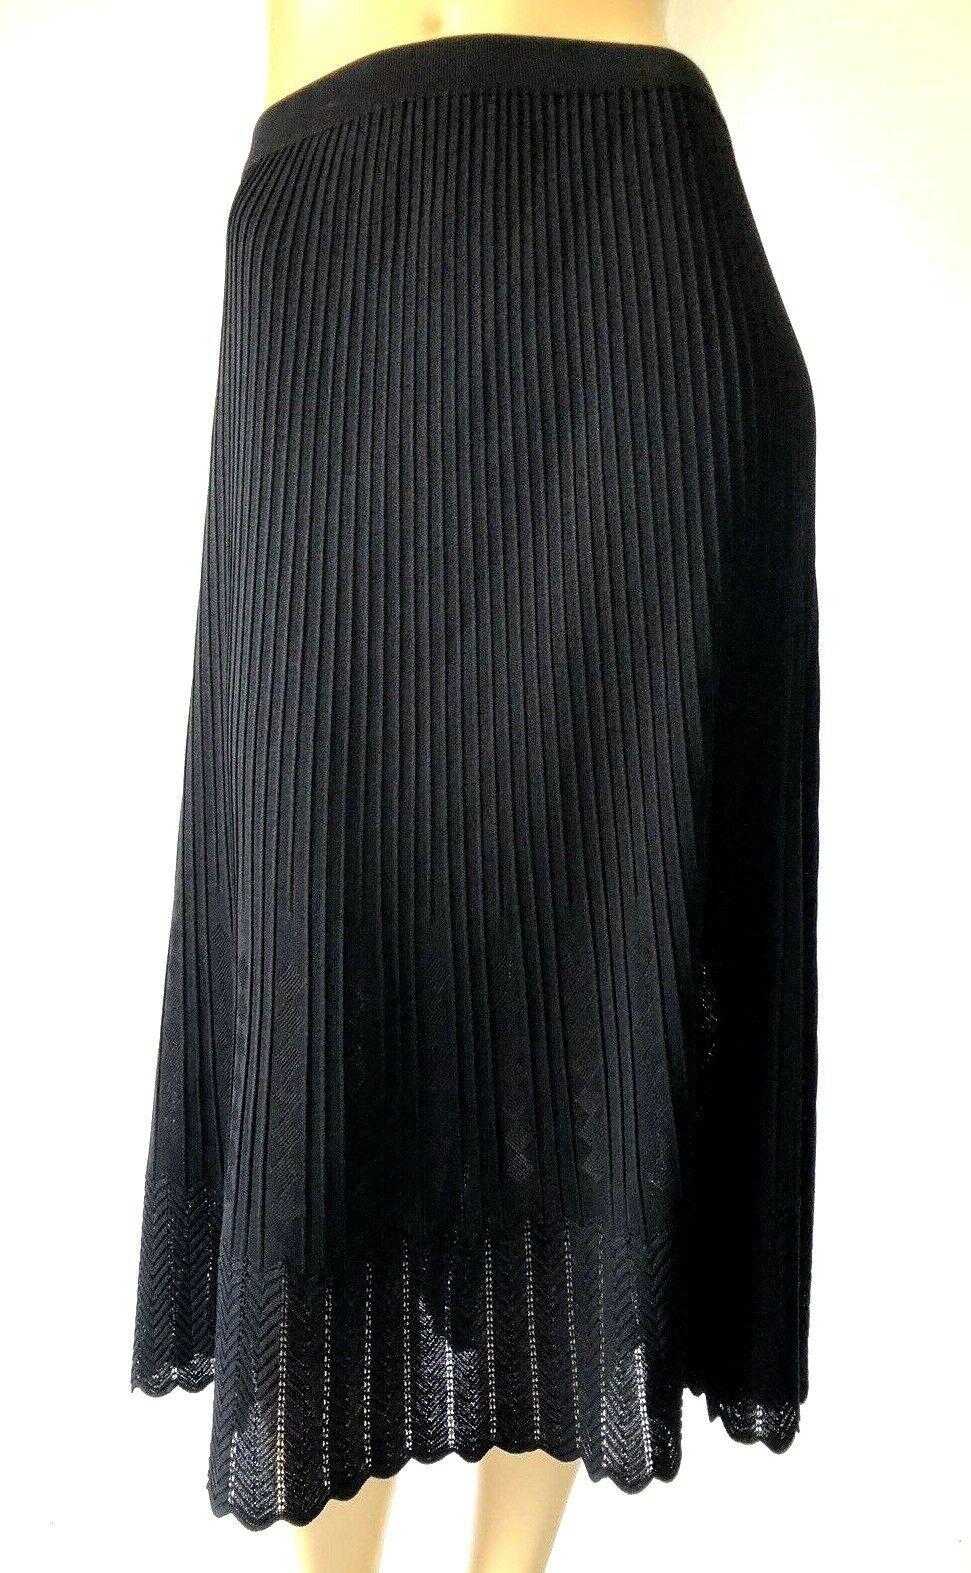 MARIE ST. MONET COLLECTION acrylique noir Knit Midi A-Line jupe XL